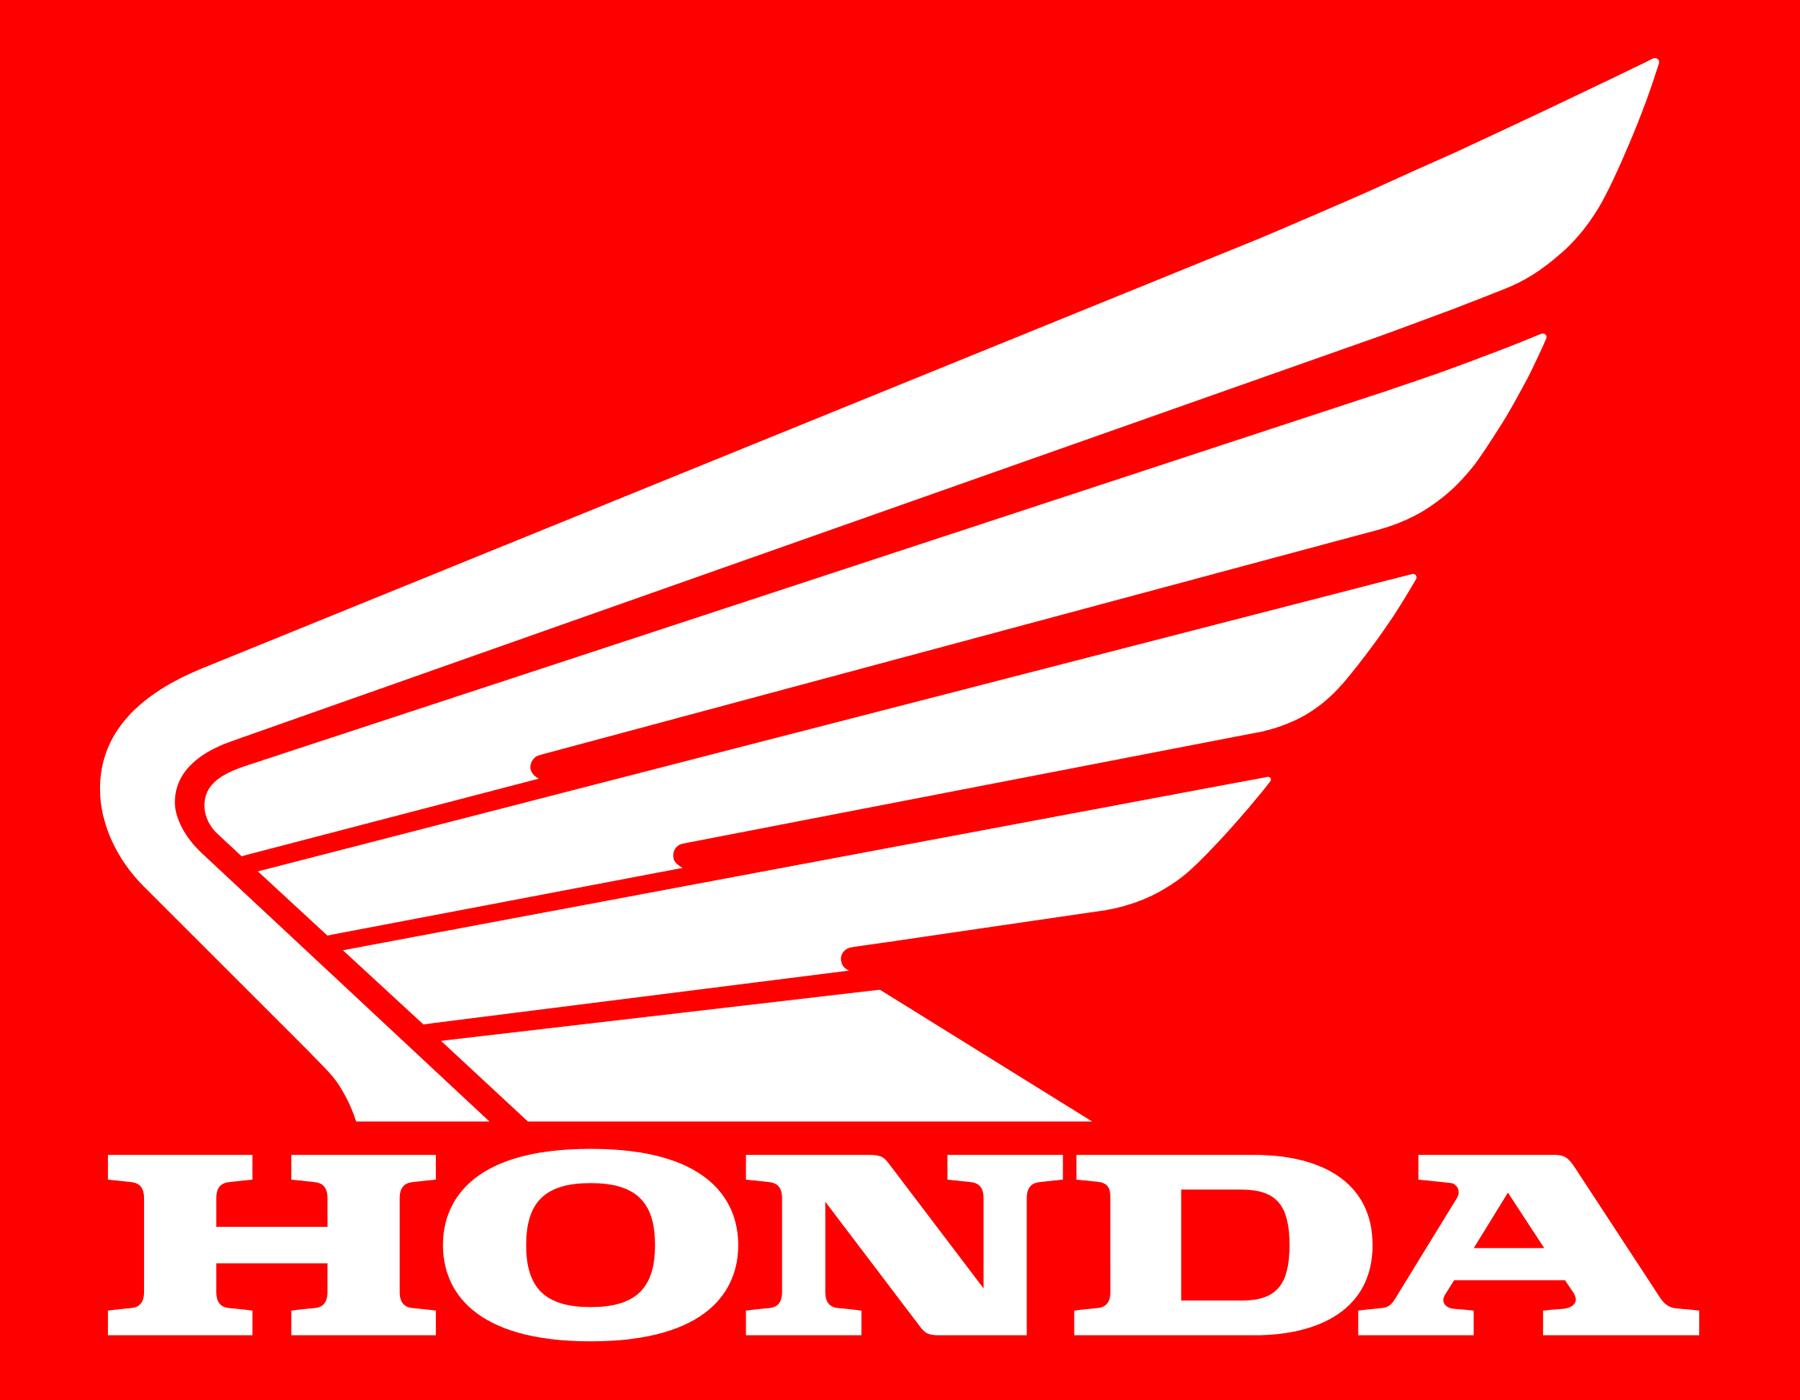 le logo moto honda  embleme  sigle lancia